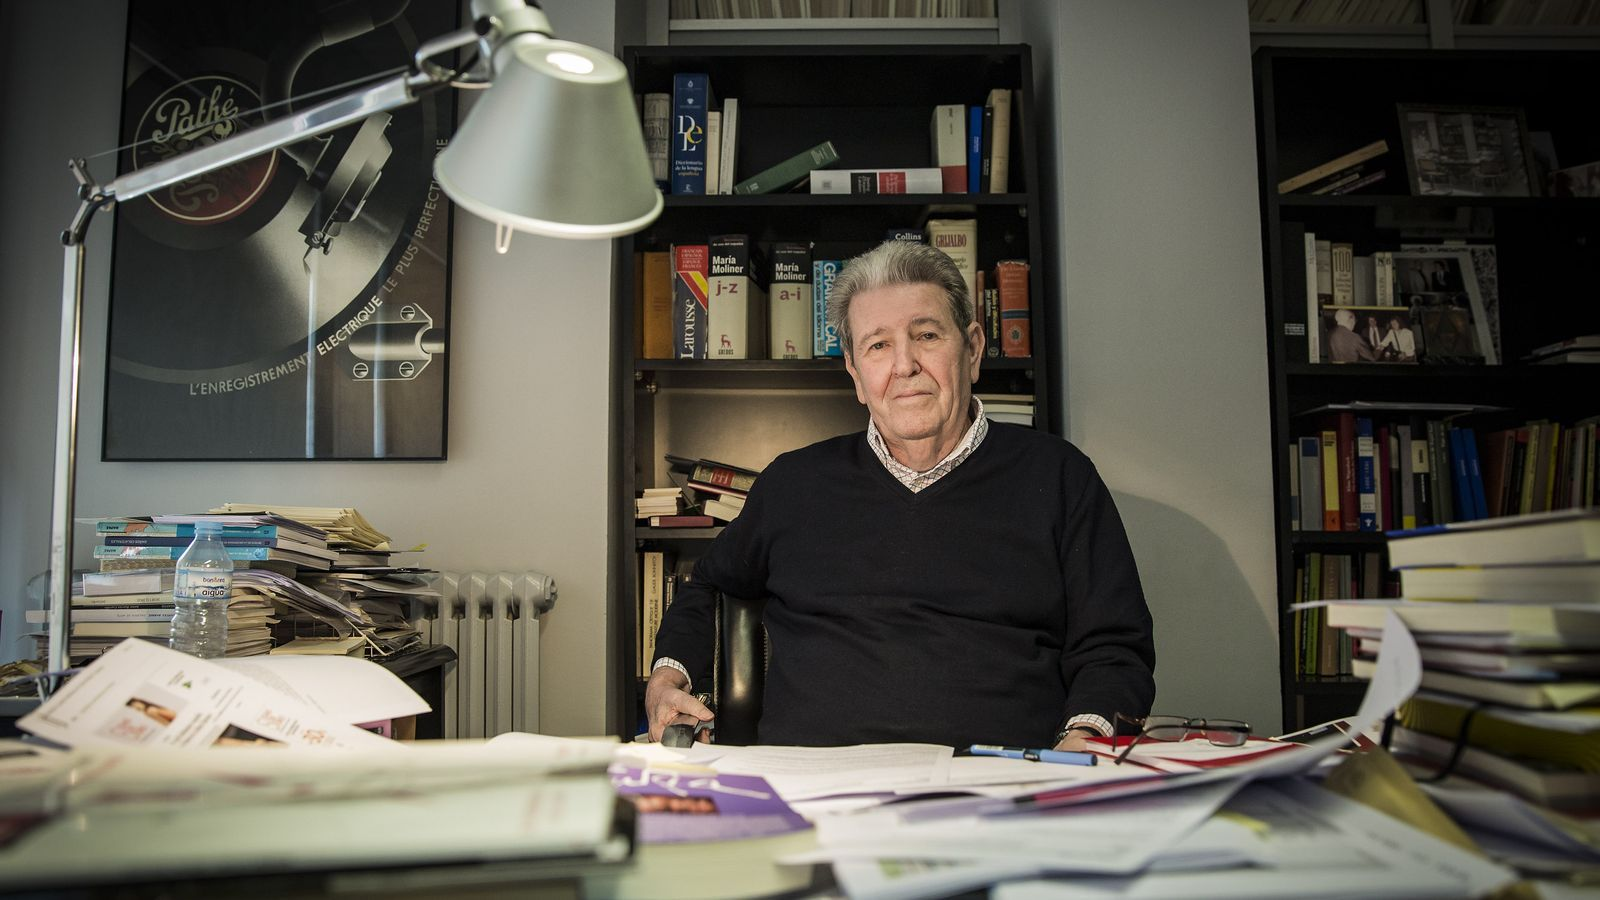 """Jorge Herralde: """"No se li pot demanar equilibri a un autor"""""""